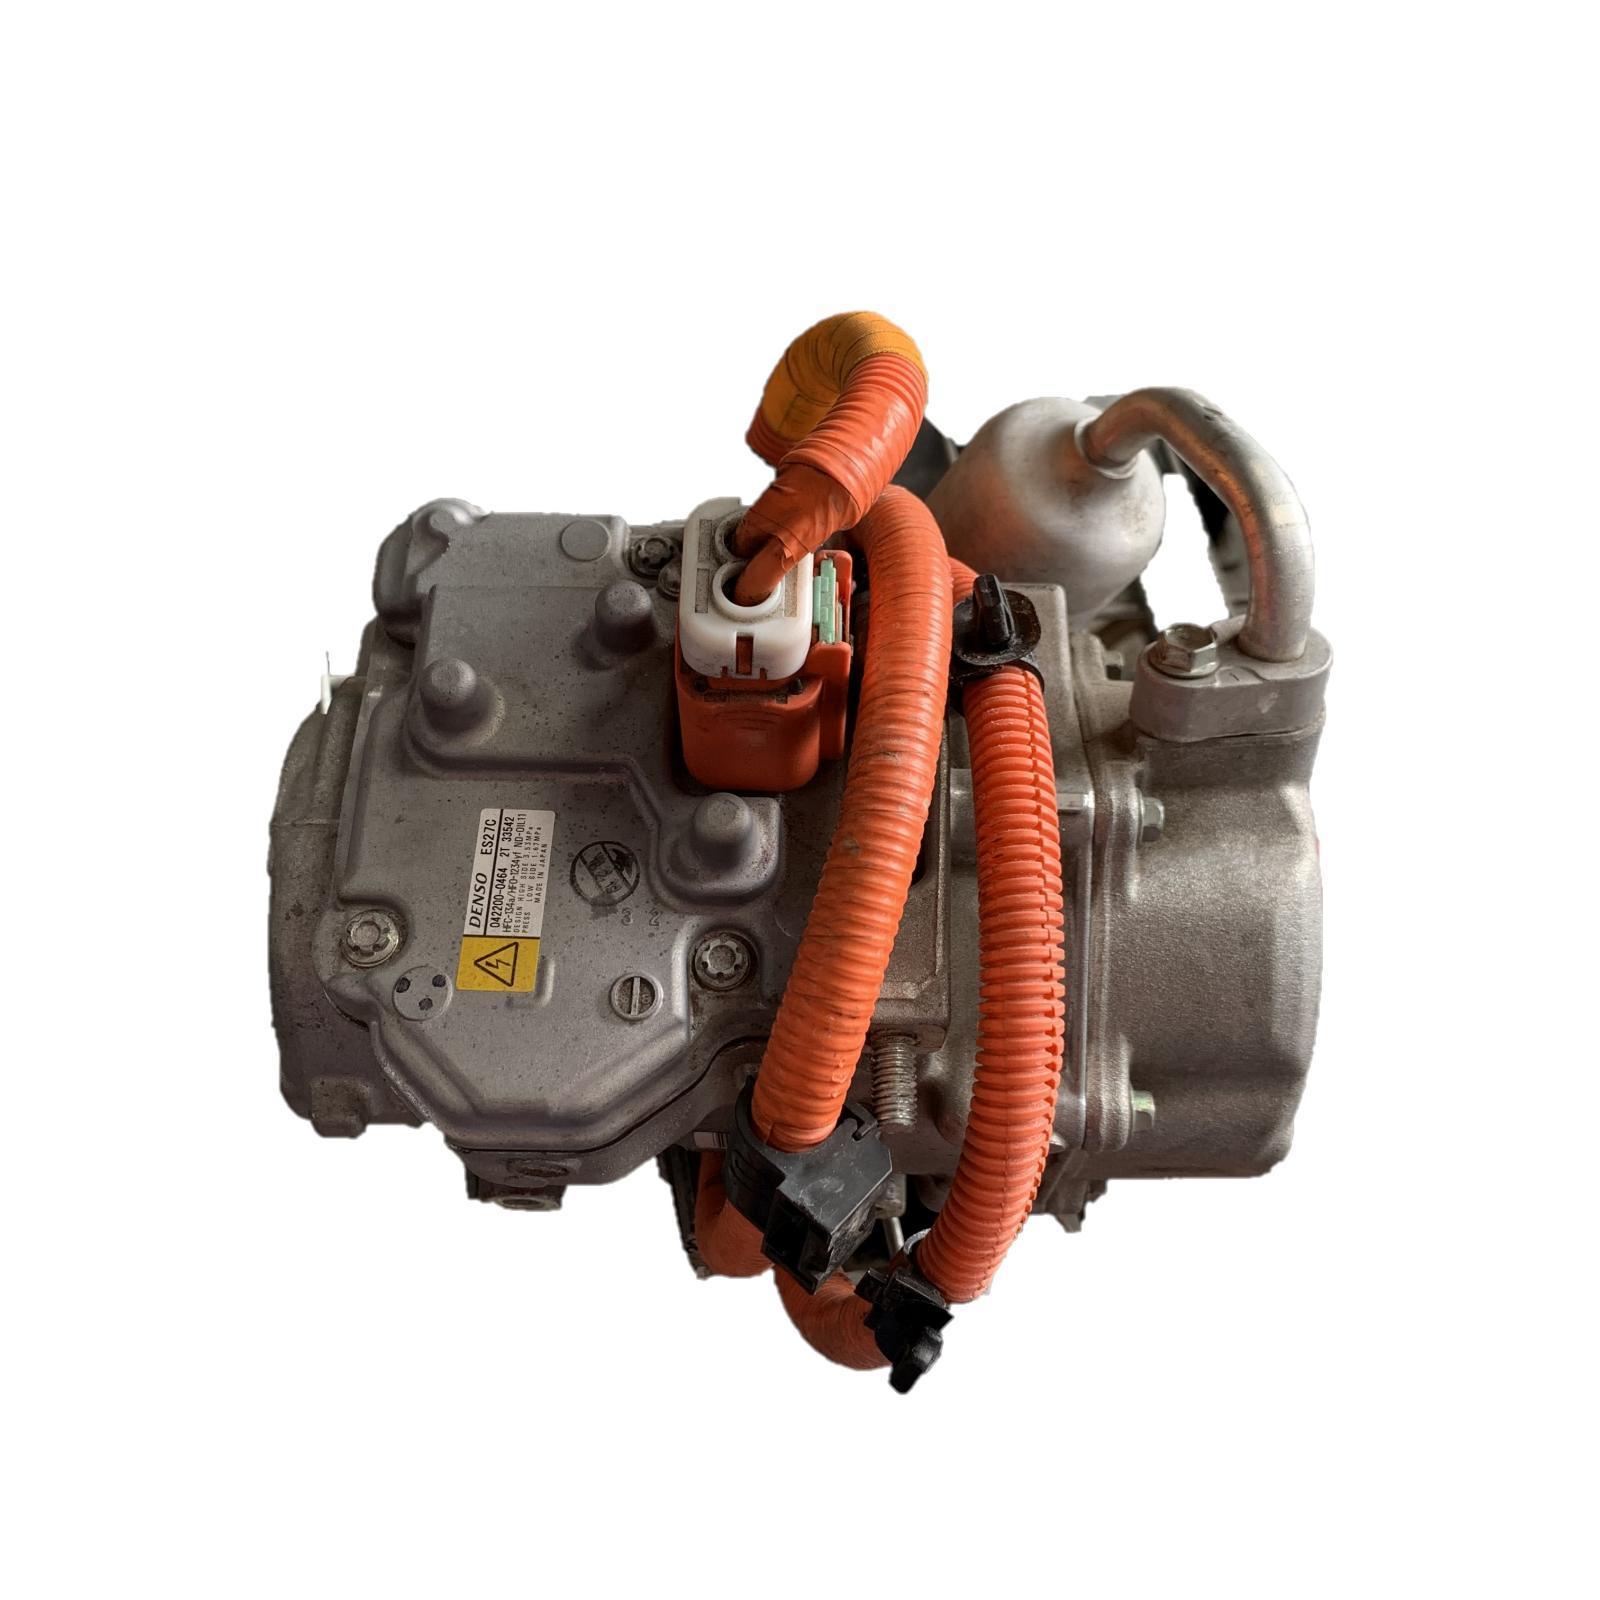 TOYOTA CAMRY, A/C Compressor, AVV50, 2.5, 2AR-FXE, HYBRID, 03/12-10/17